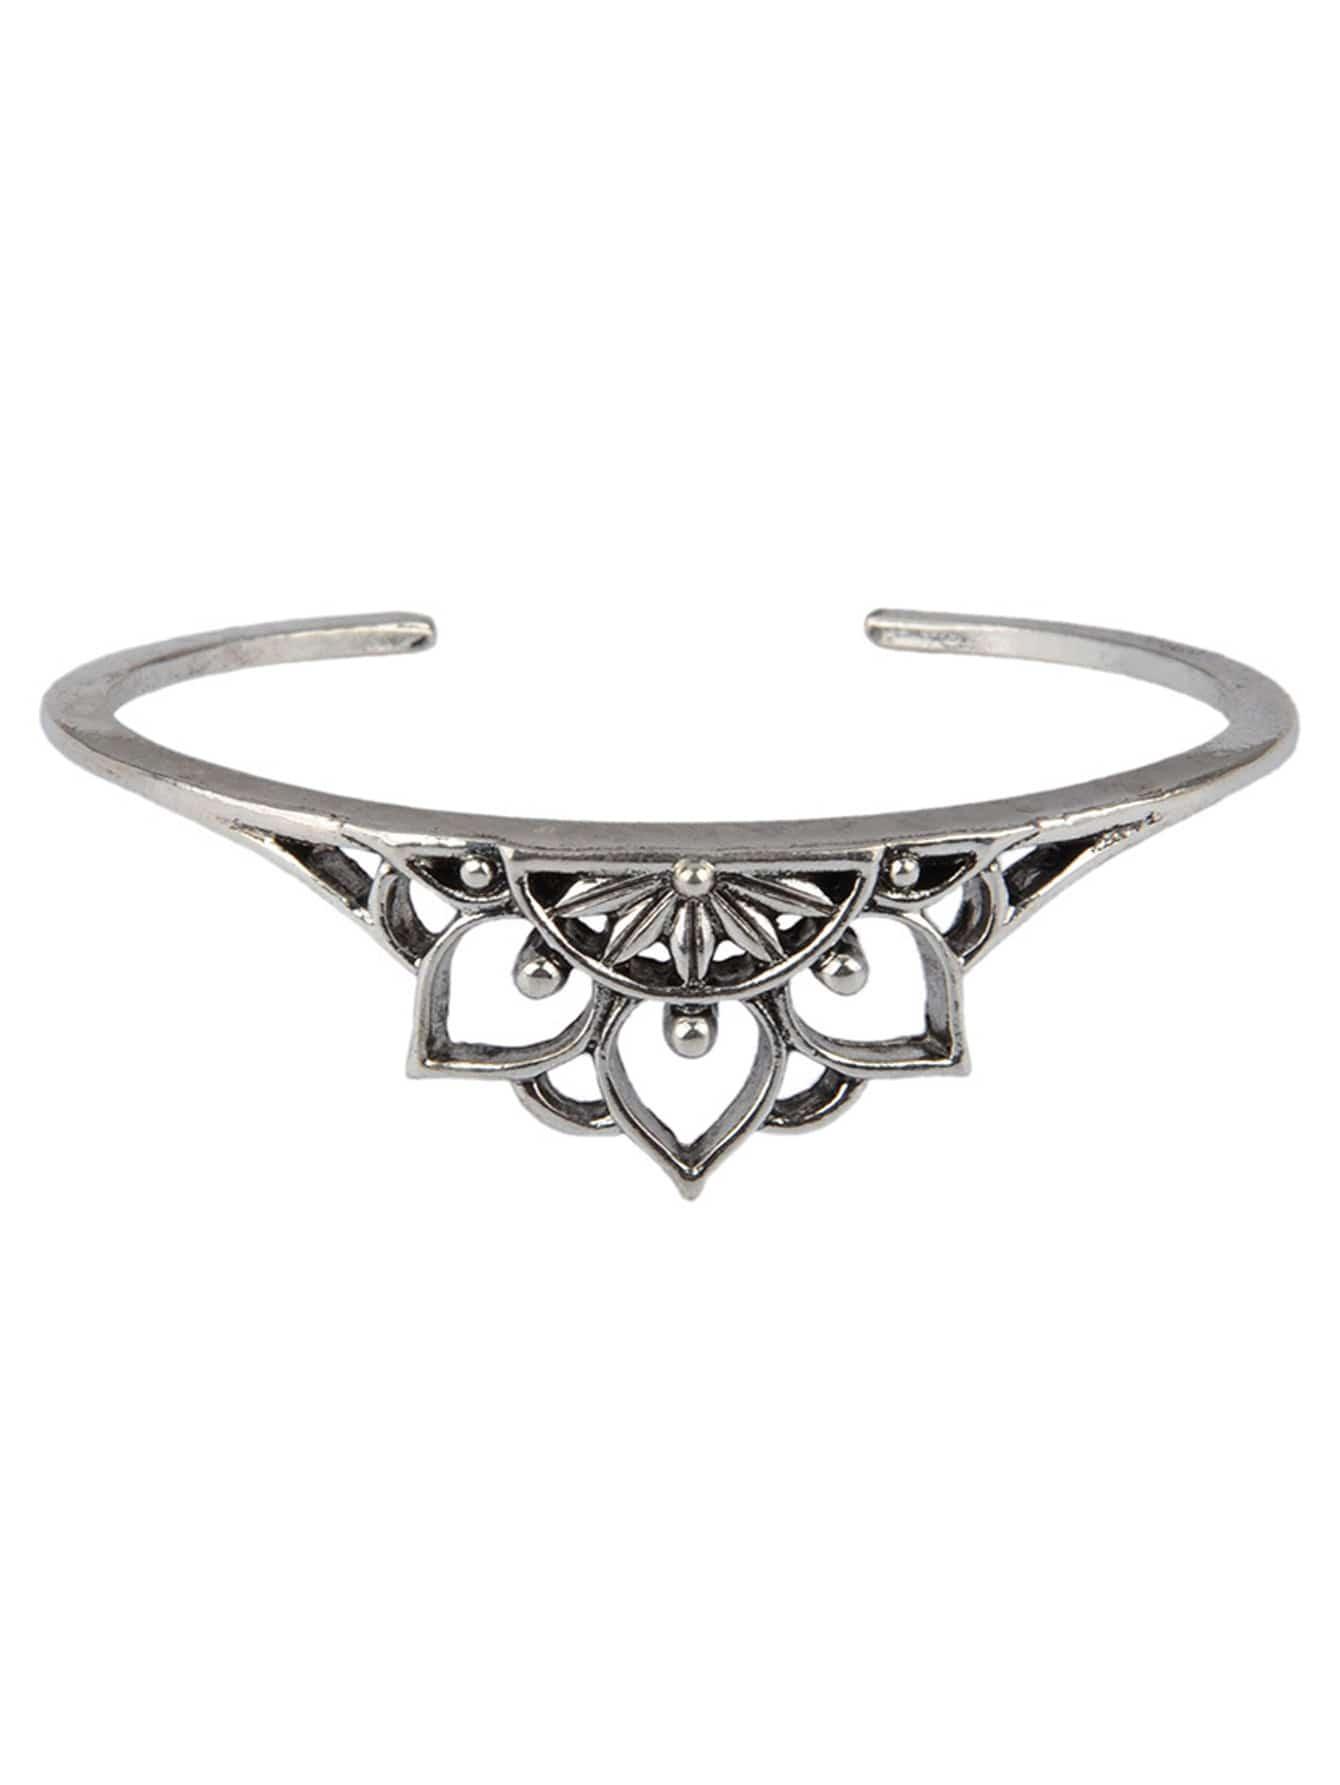 Armband mit ausgehöhltem Lotus